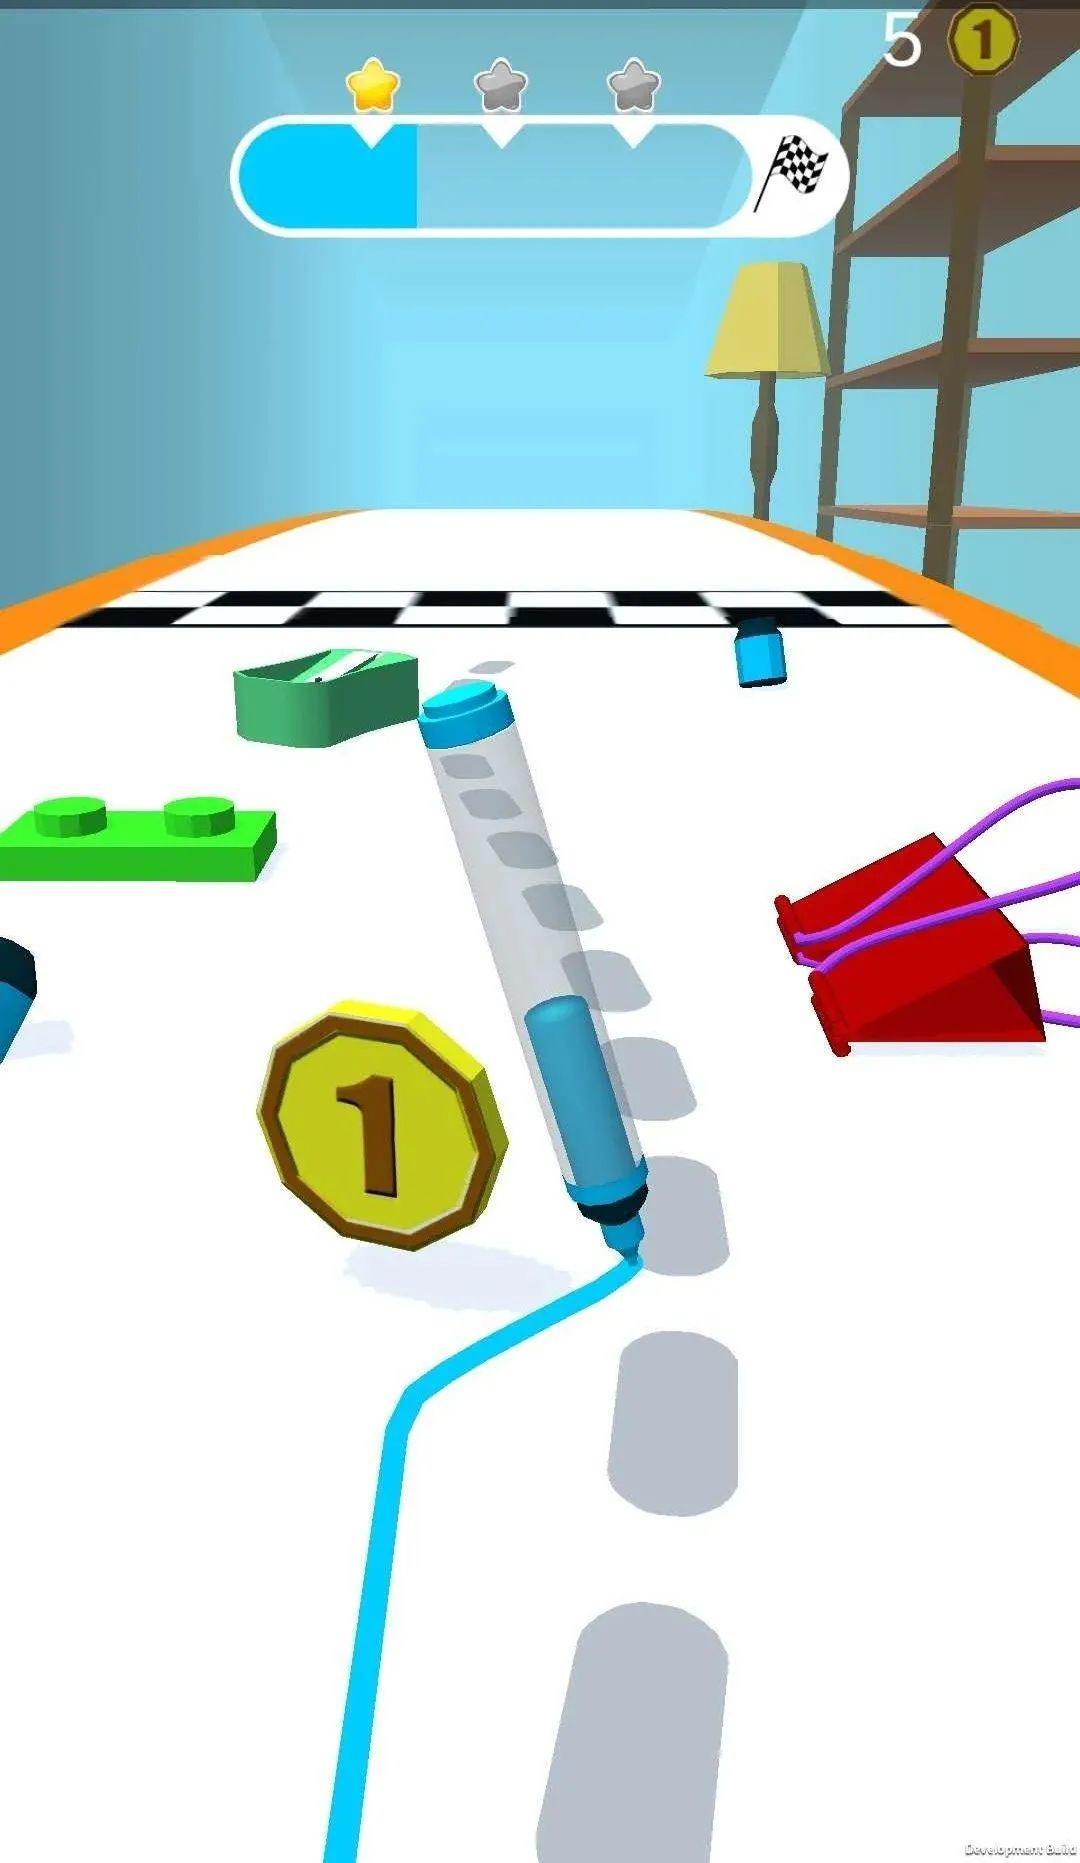 产品游戏化探索合辑(2.8w字,涵盖教育、电商、快消品零售、休闲游戏等)